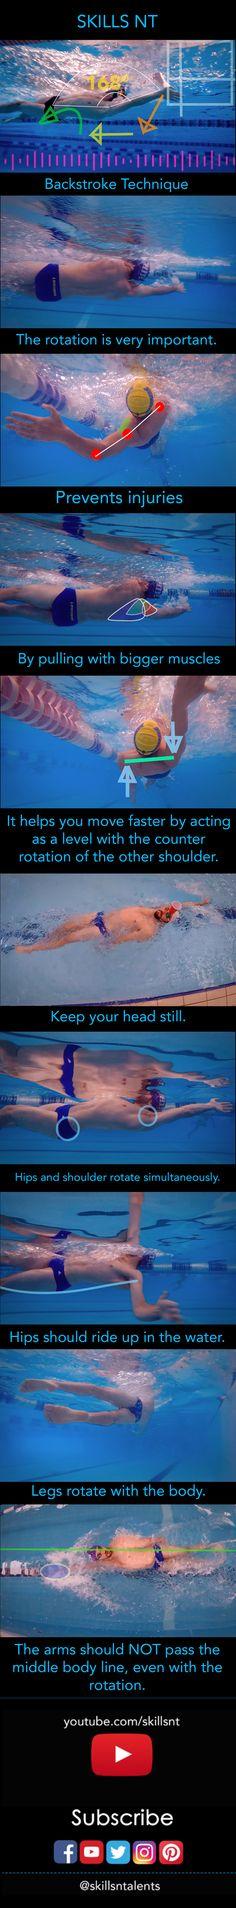 Backtroke swimming technique!